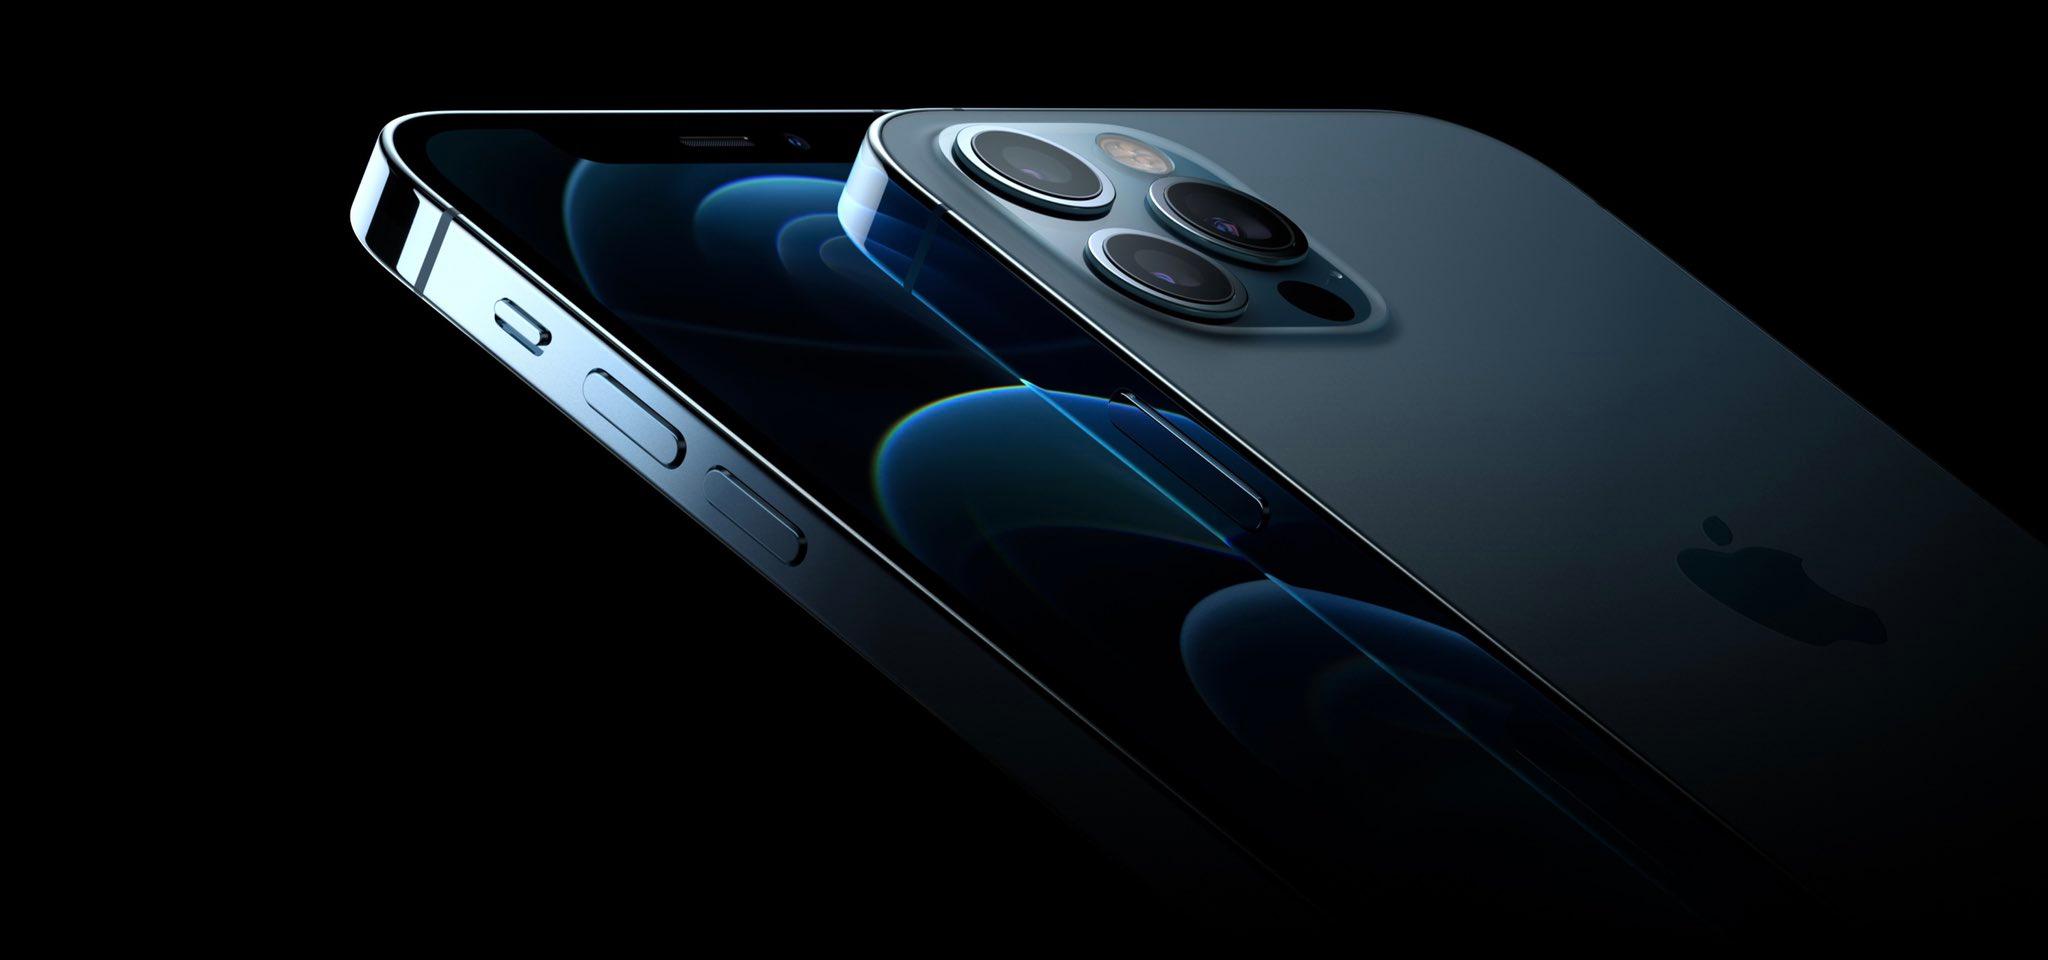 Apple iPhone-ның жаңа үлгілерін таныстырды